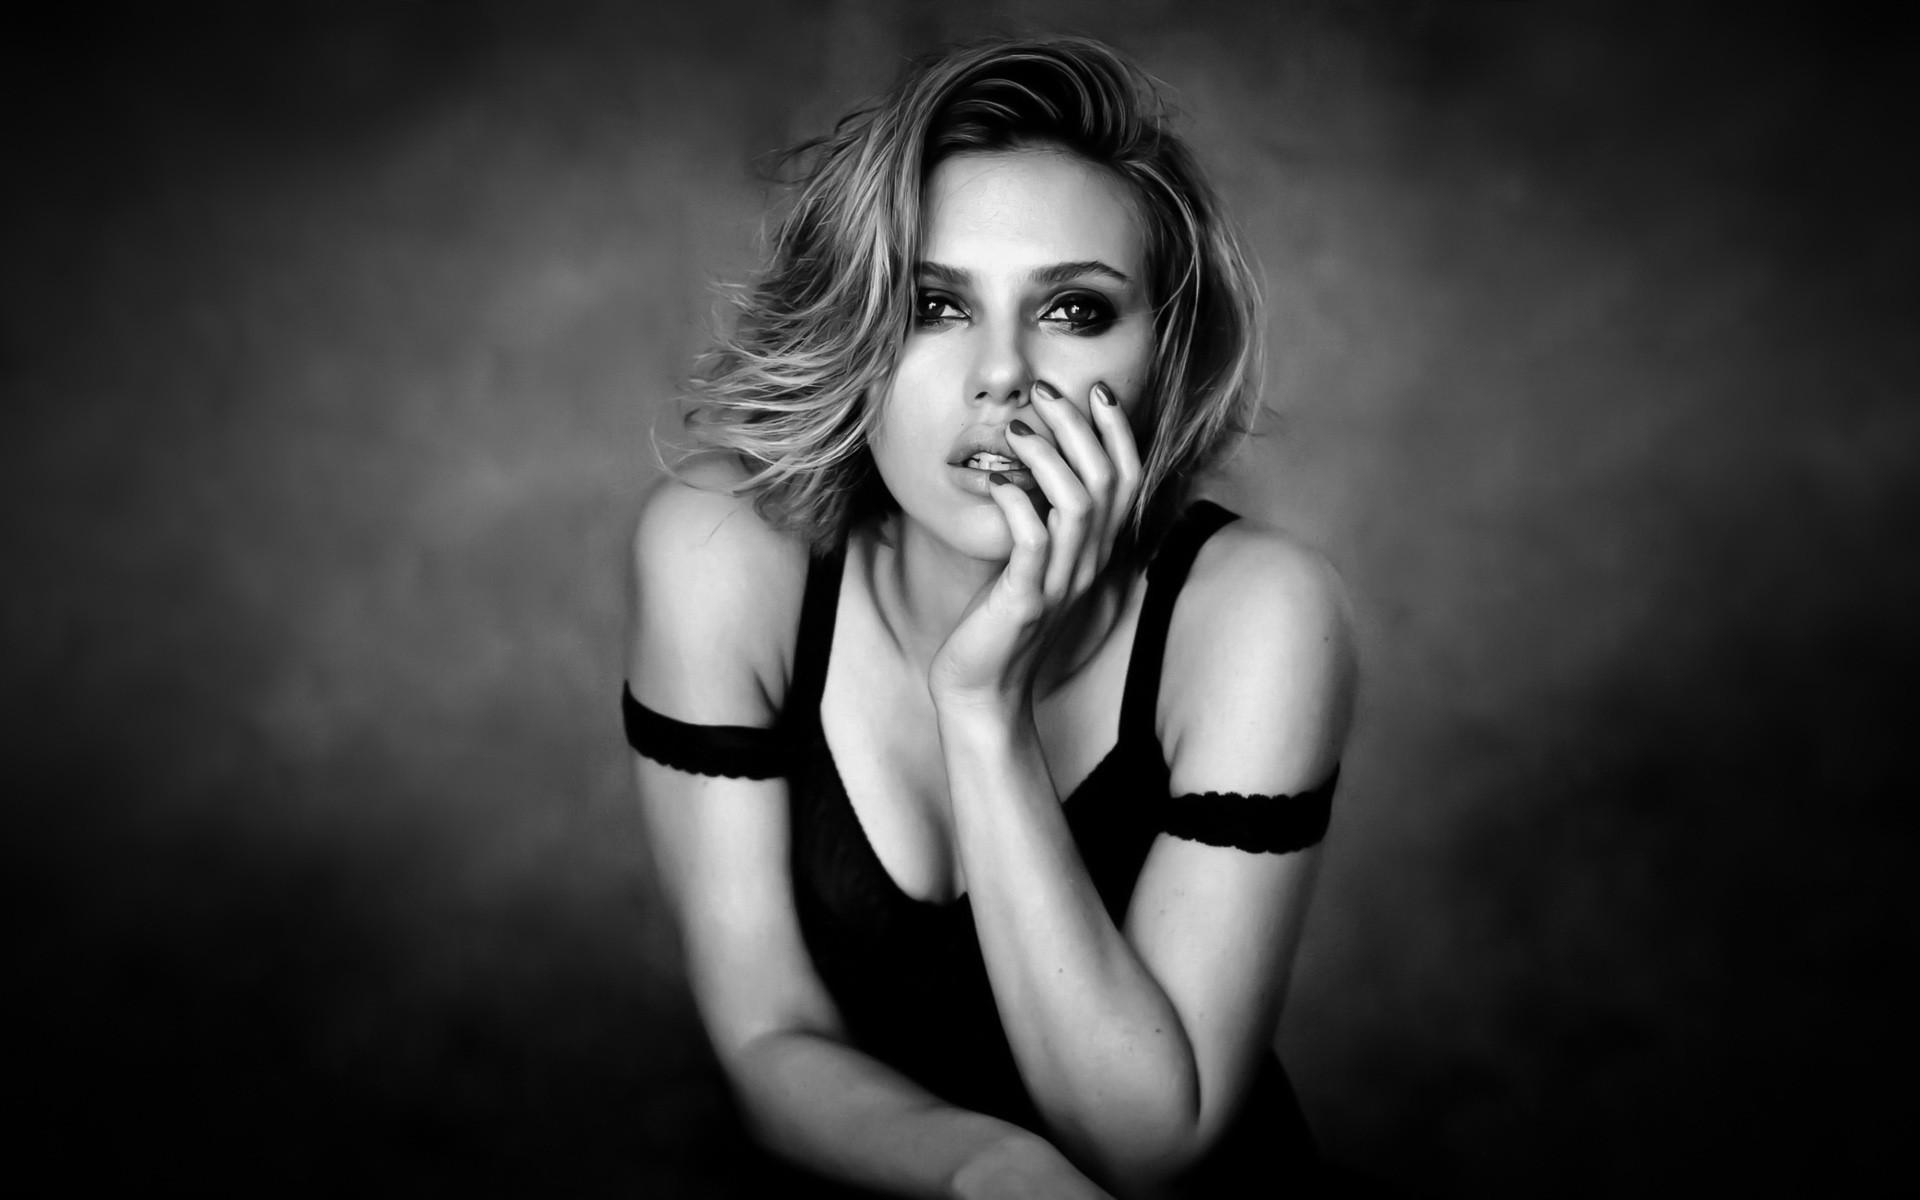 zdjęcie Scarlett Johansson Celebryci